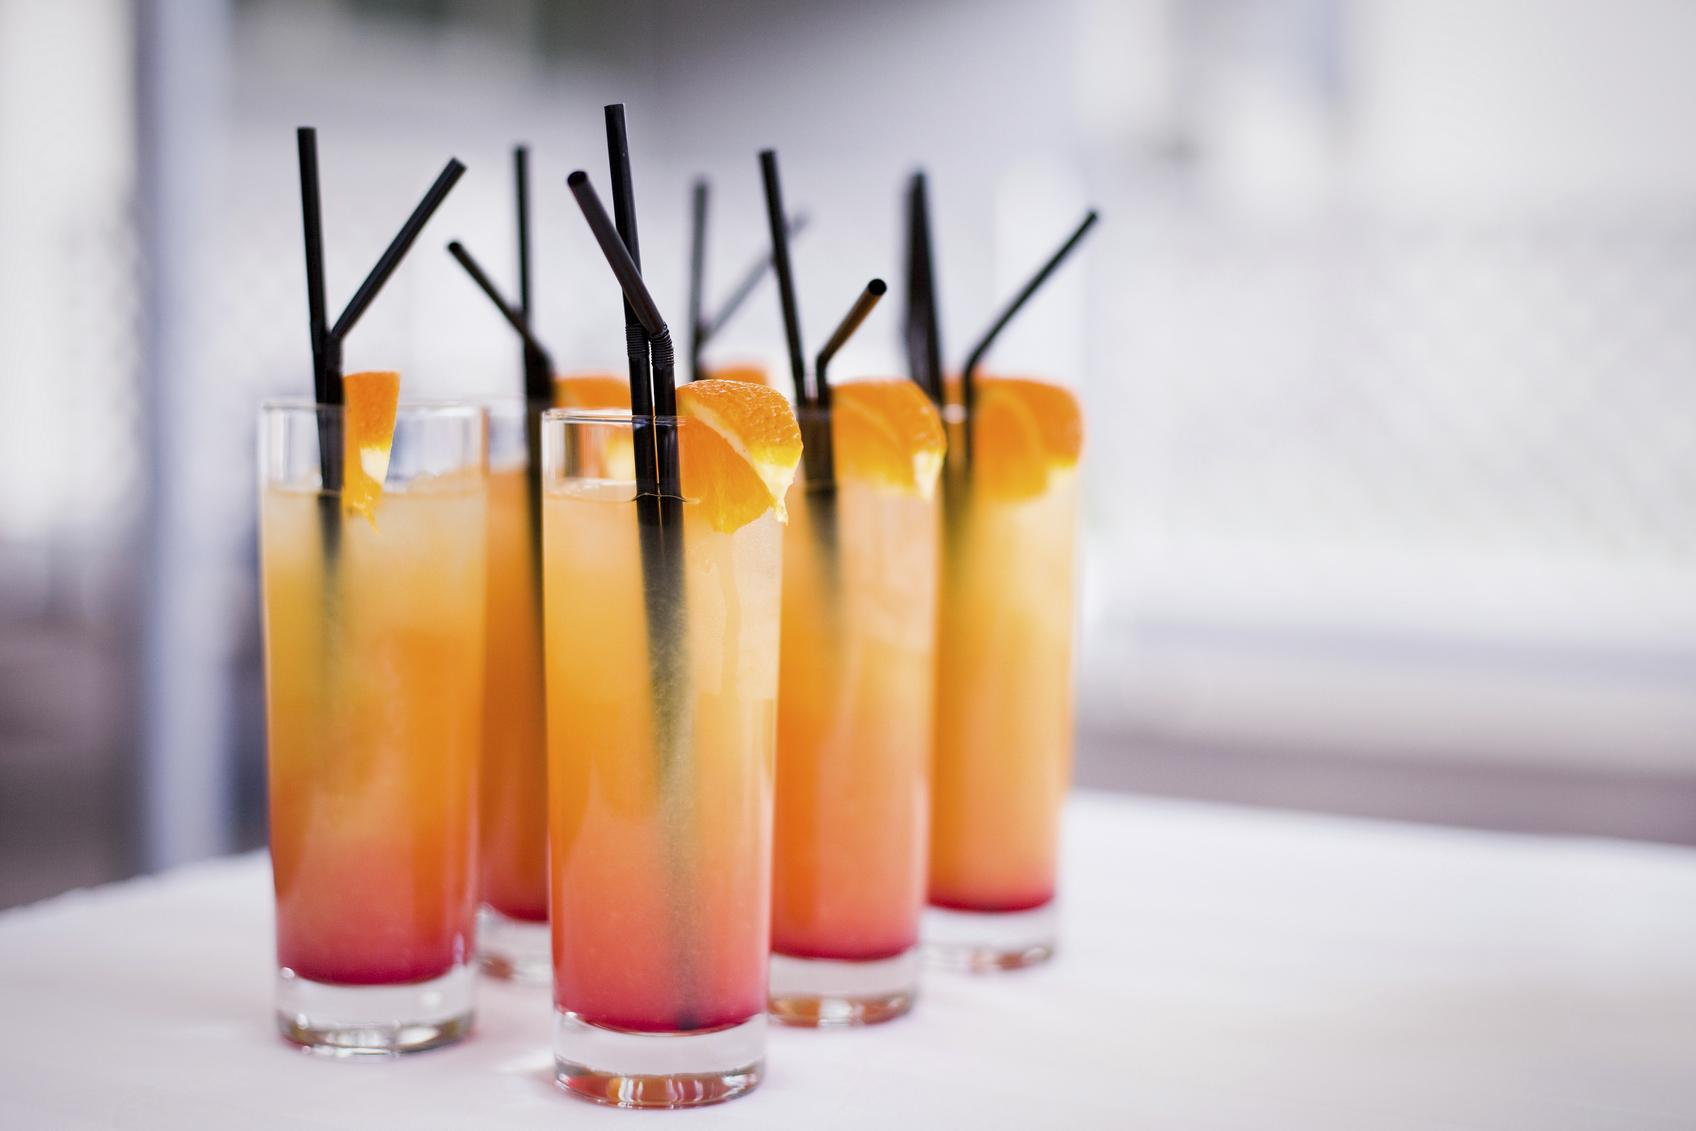 Cowberries kokteyli: yazlık içecekler 1